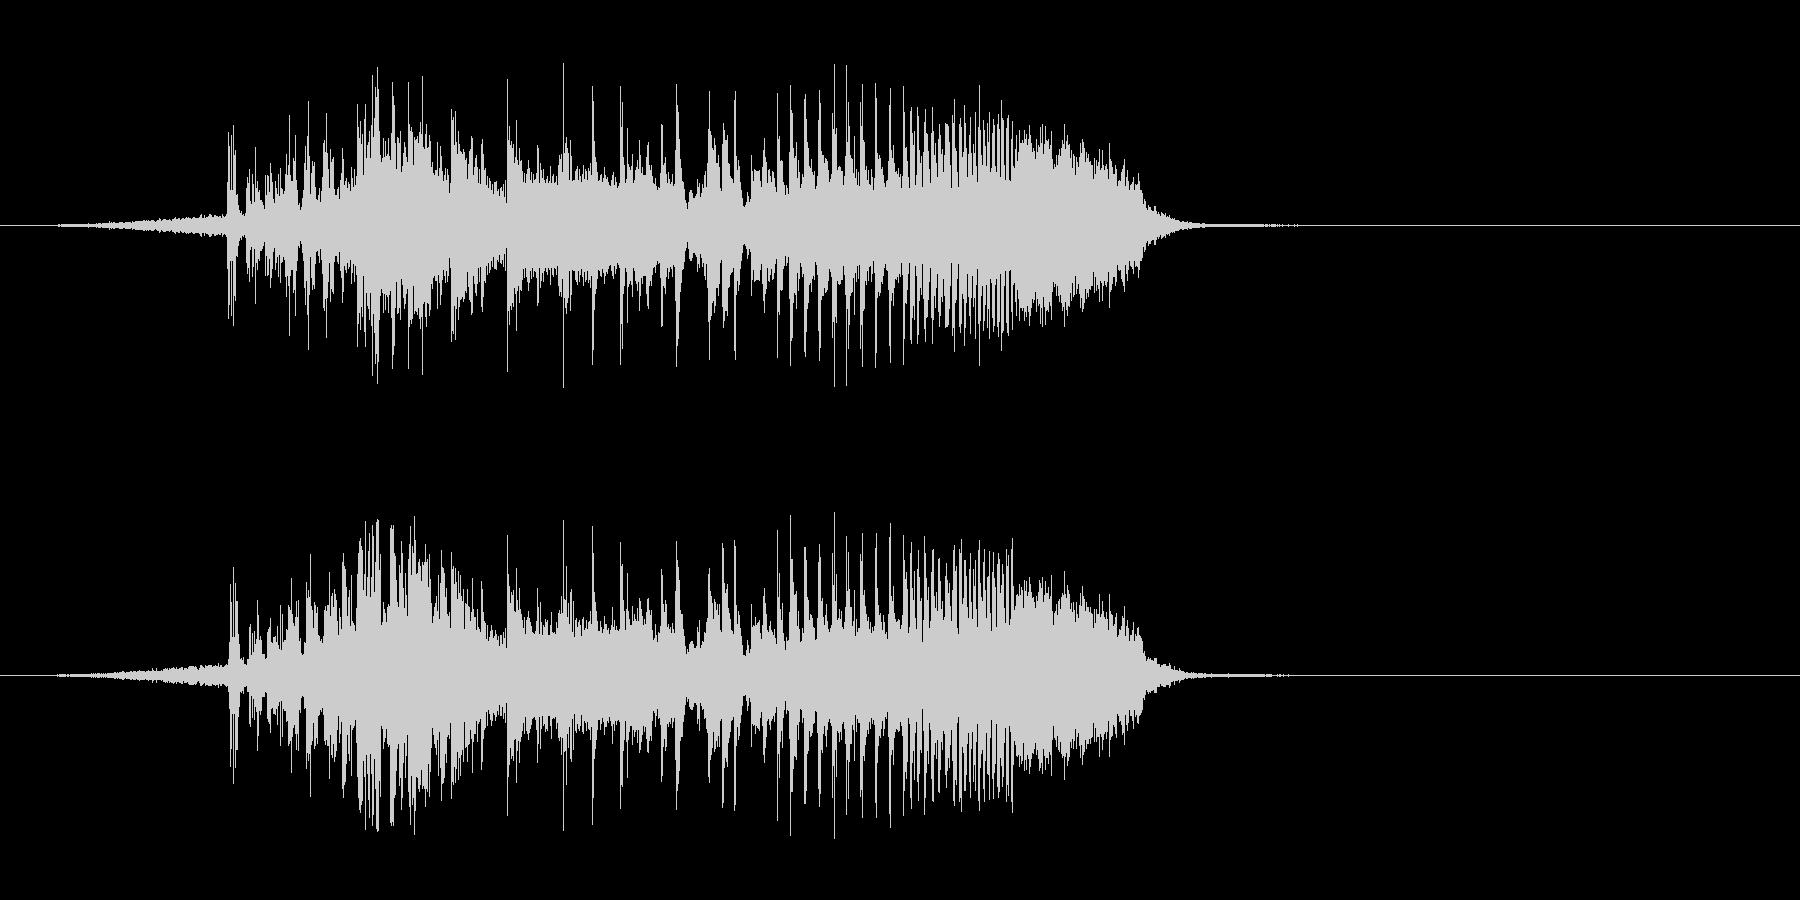 【DJジングル・EDM】オープニングAの未再生の波形